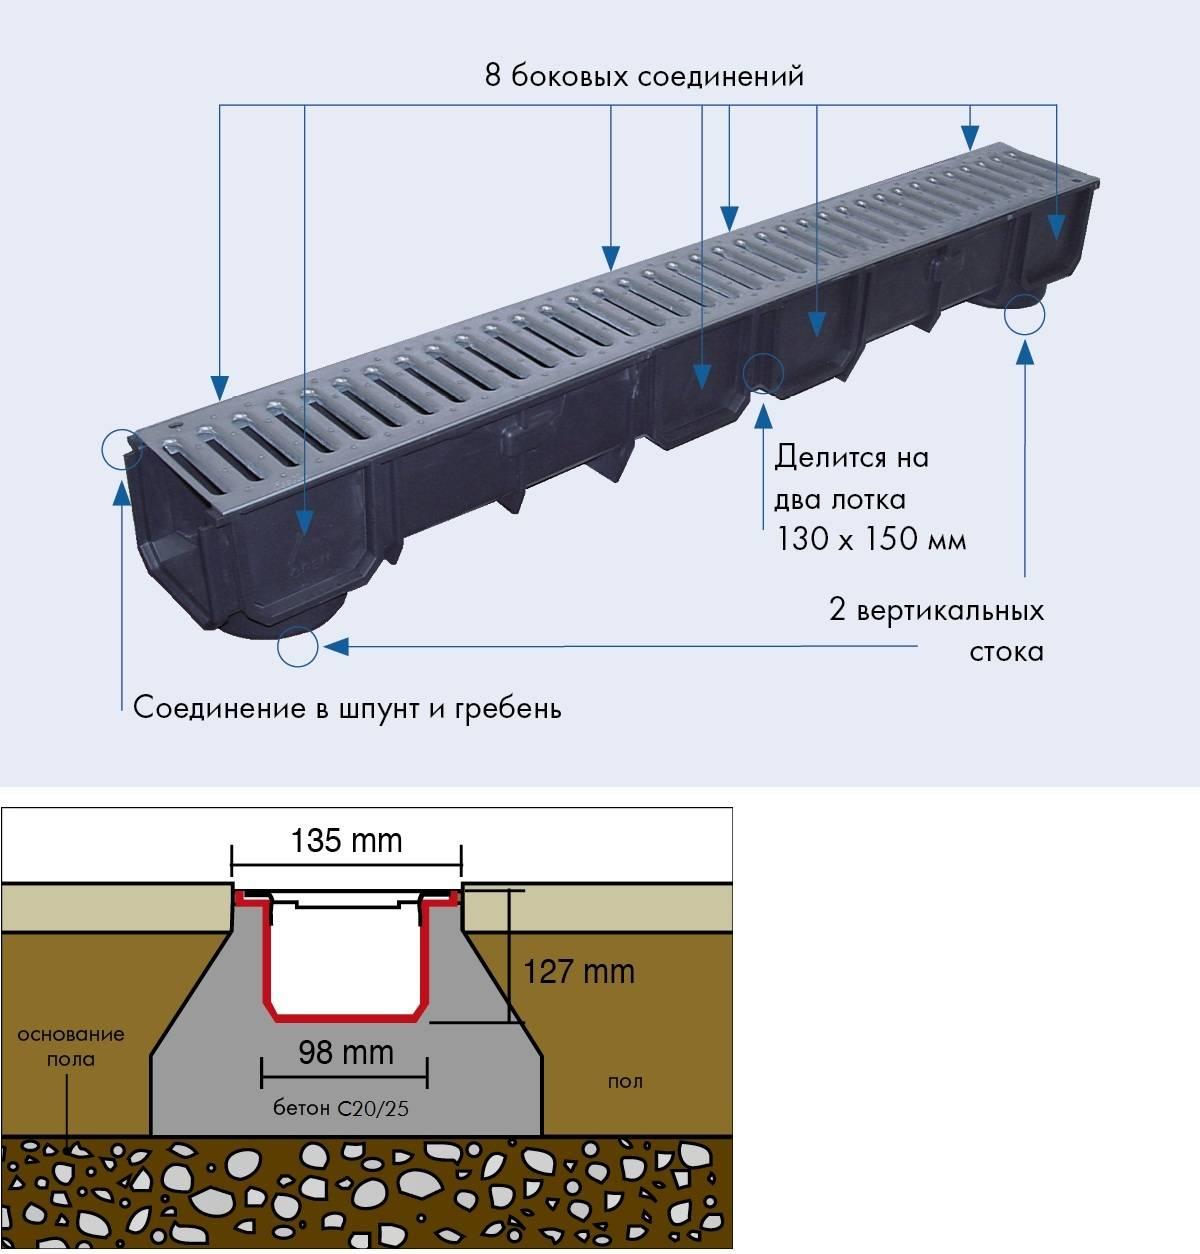 Дренажные лотки — пластиковые водоотводные каналы и системы с решеткой:  виды и цены +фото и видео